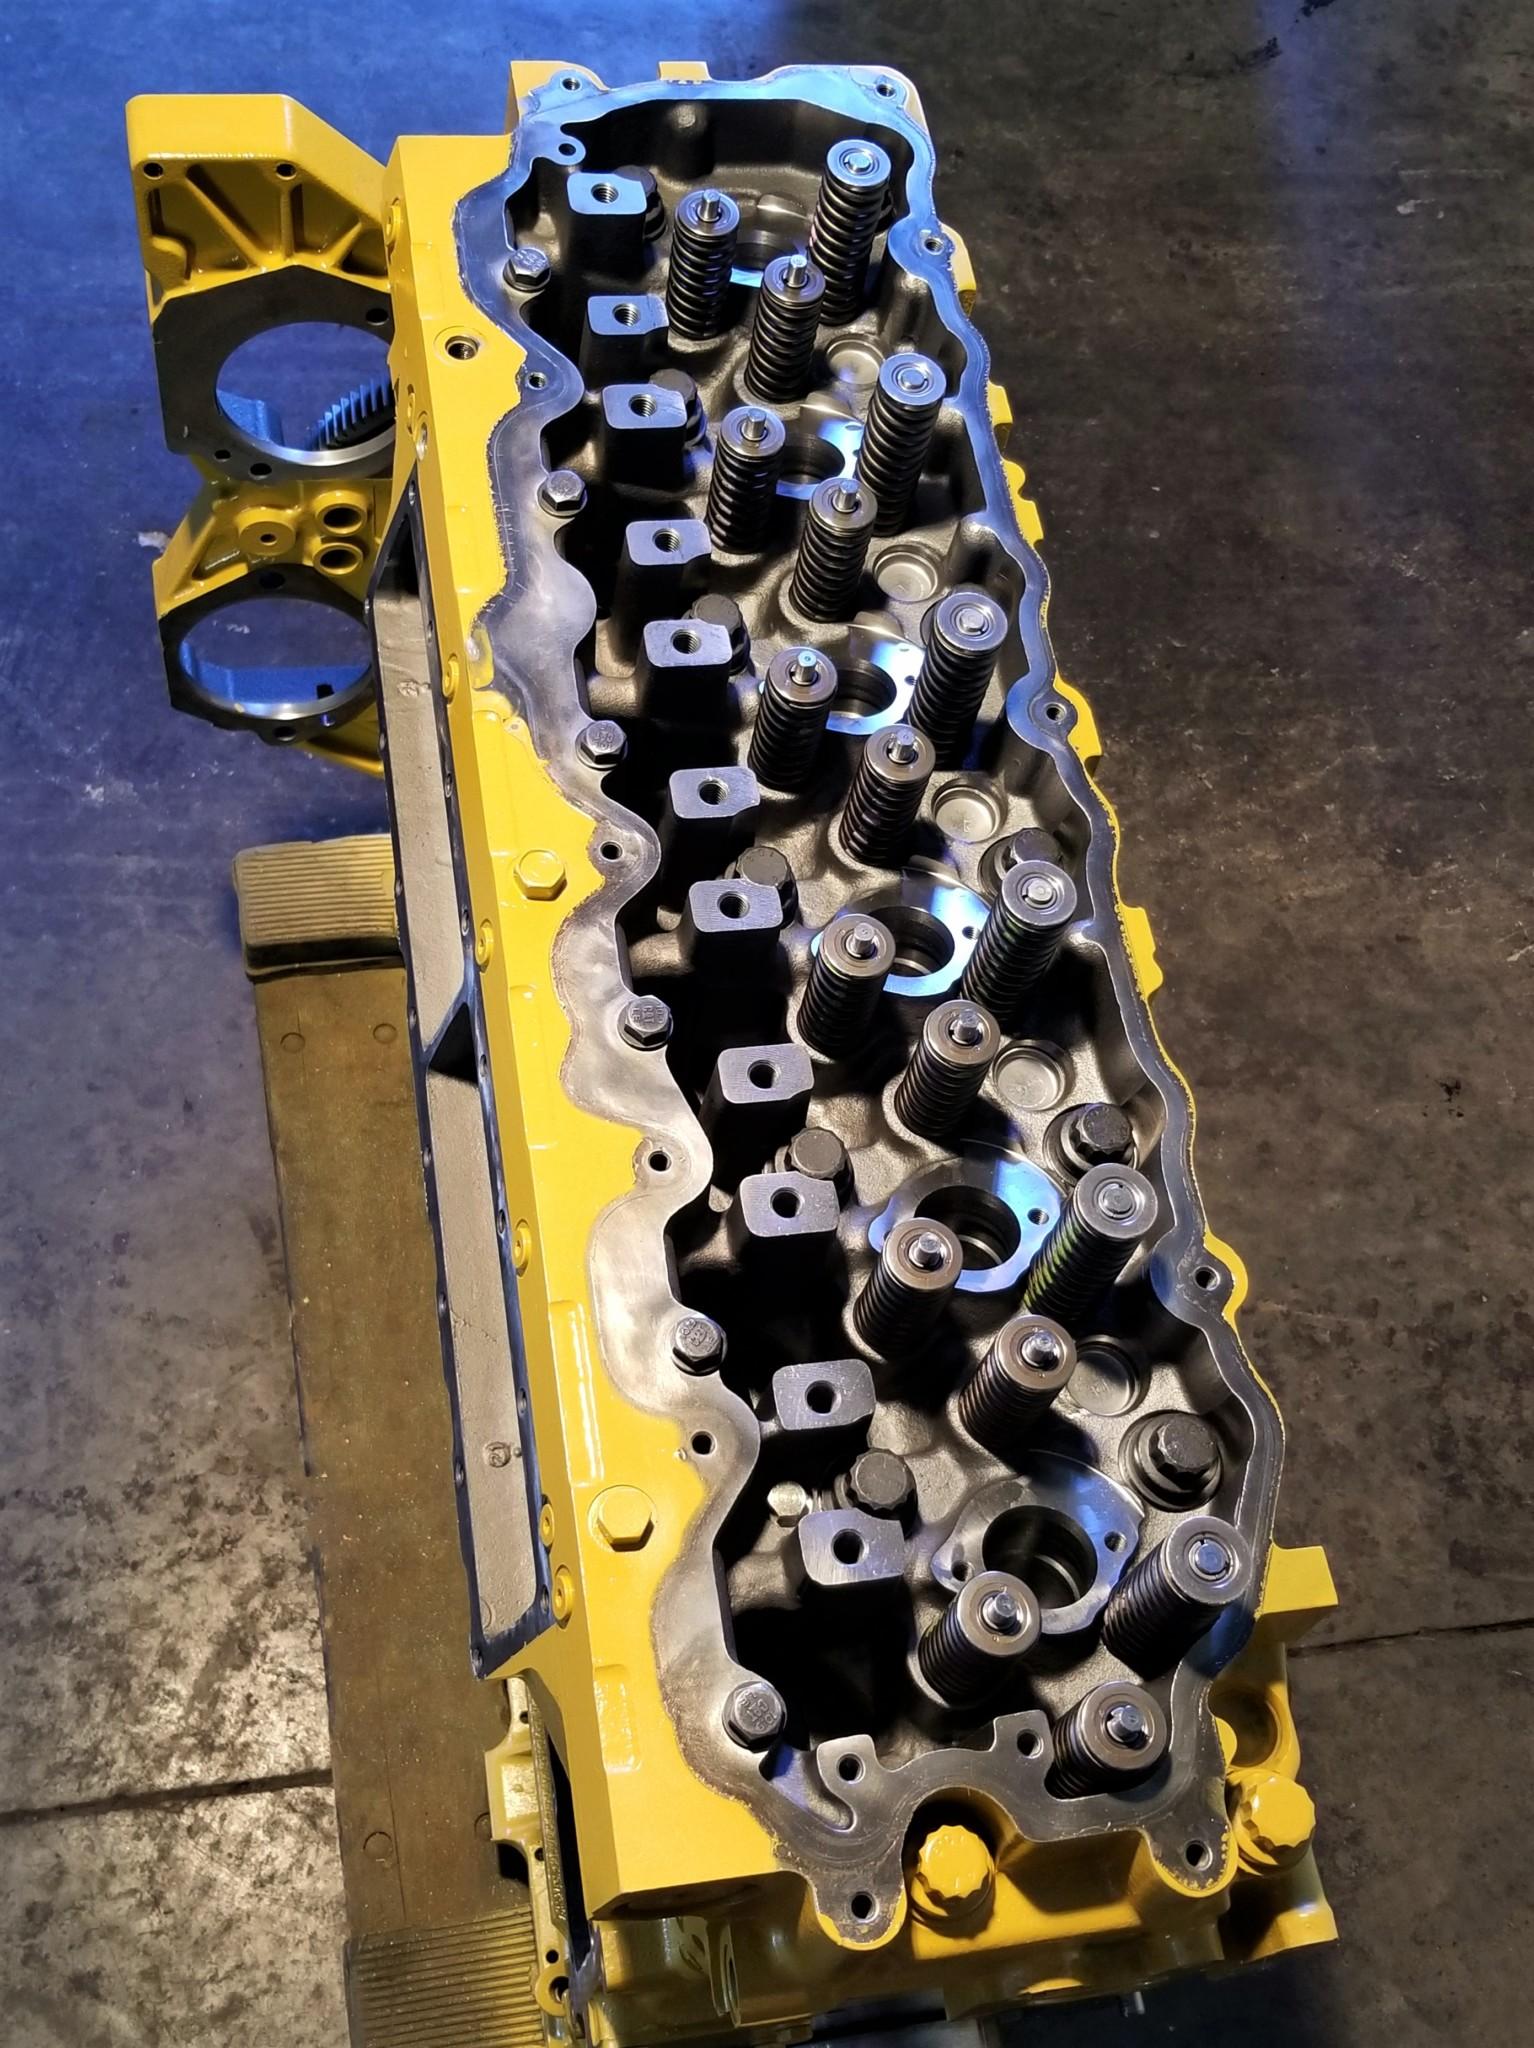 CAT C7 CATERPILLAR LONG BLOCK ENGINE - NEW GENUINE CATERPILLAR - NOT A REMAN